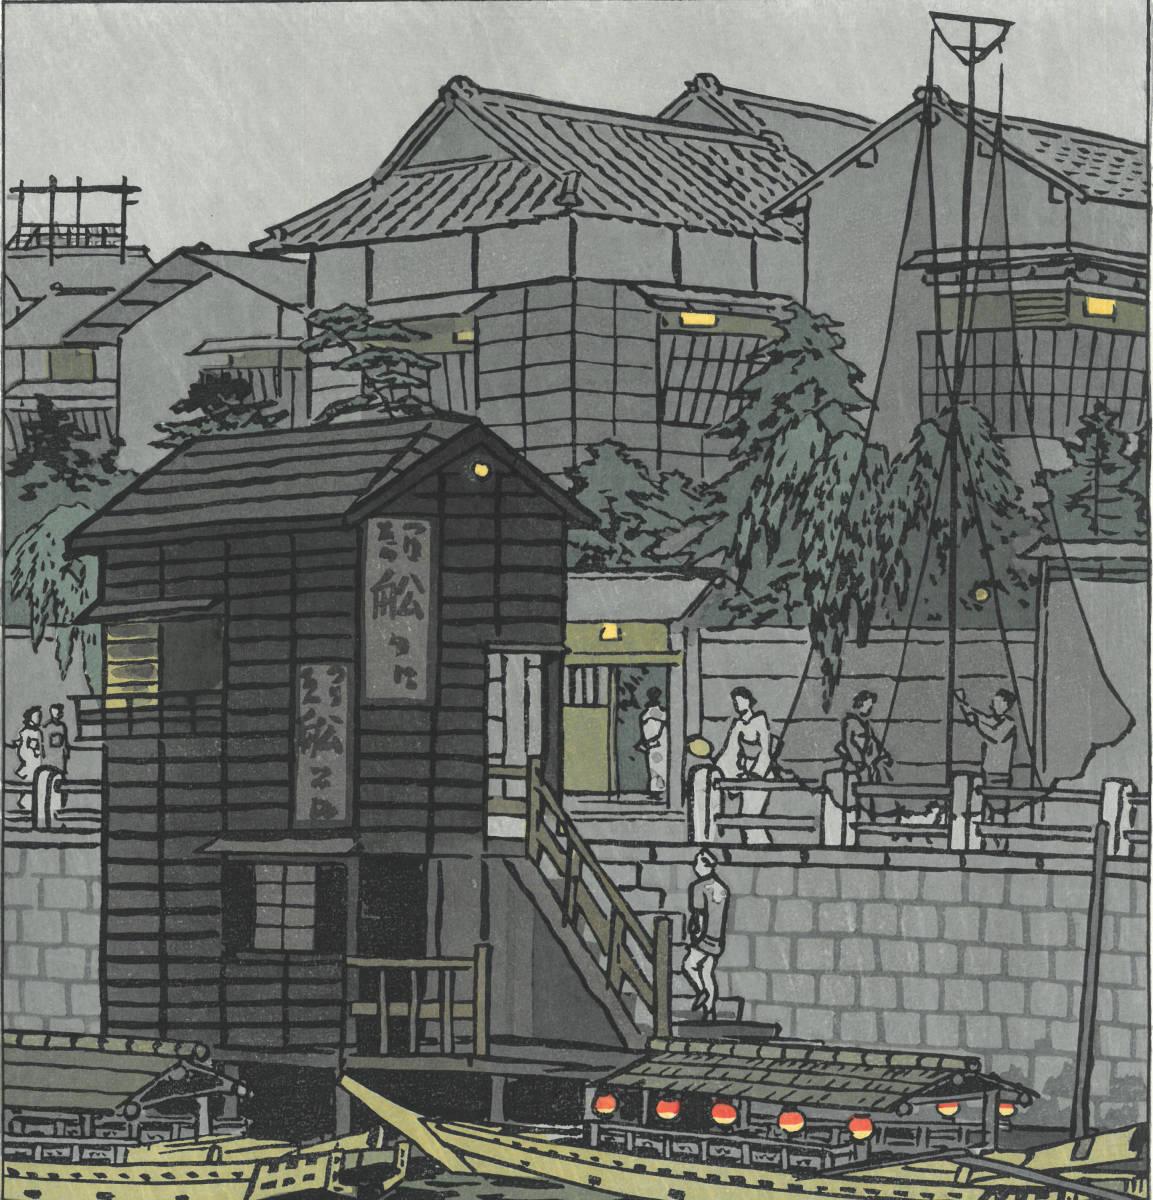 笠松紫浪 (Kasamatsu Shiro) 木版画 sk30 東京八景の内 柳橋付近 新版画  初版昭和中期頃   一流の摺師の技をご堪能下さい!!_画像6